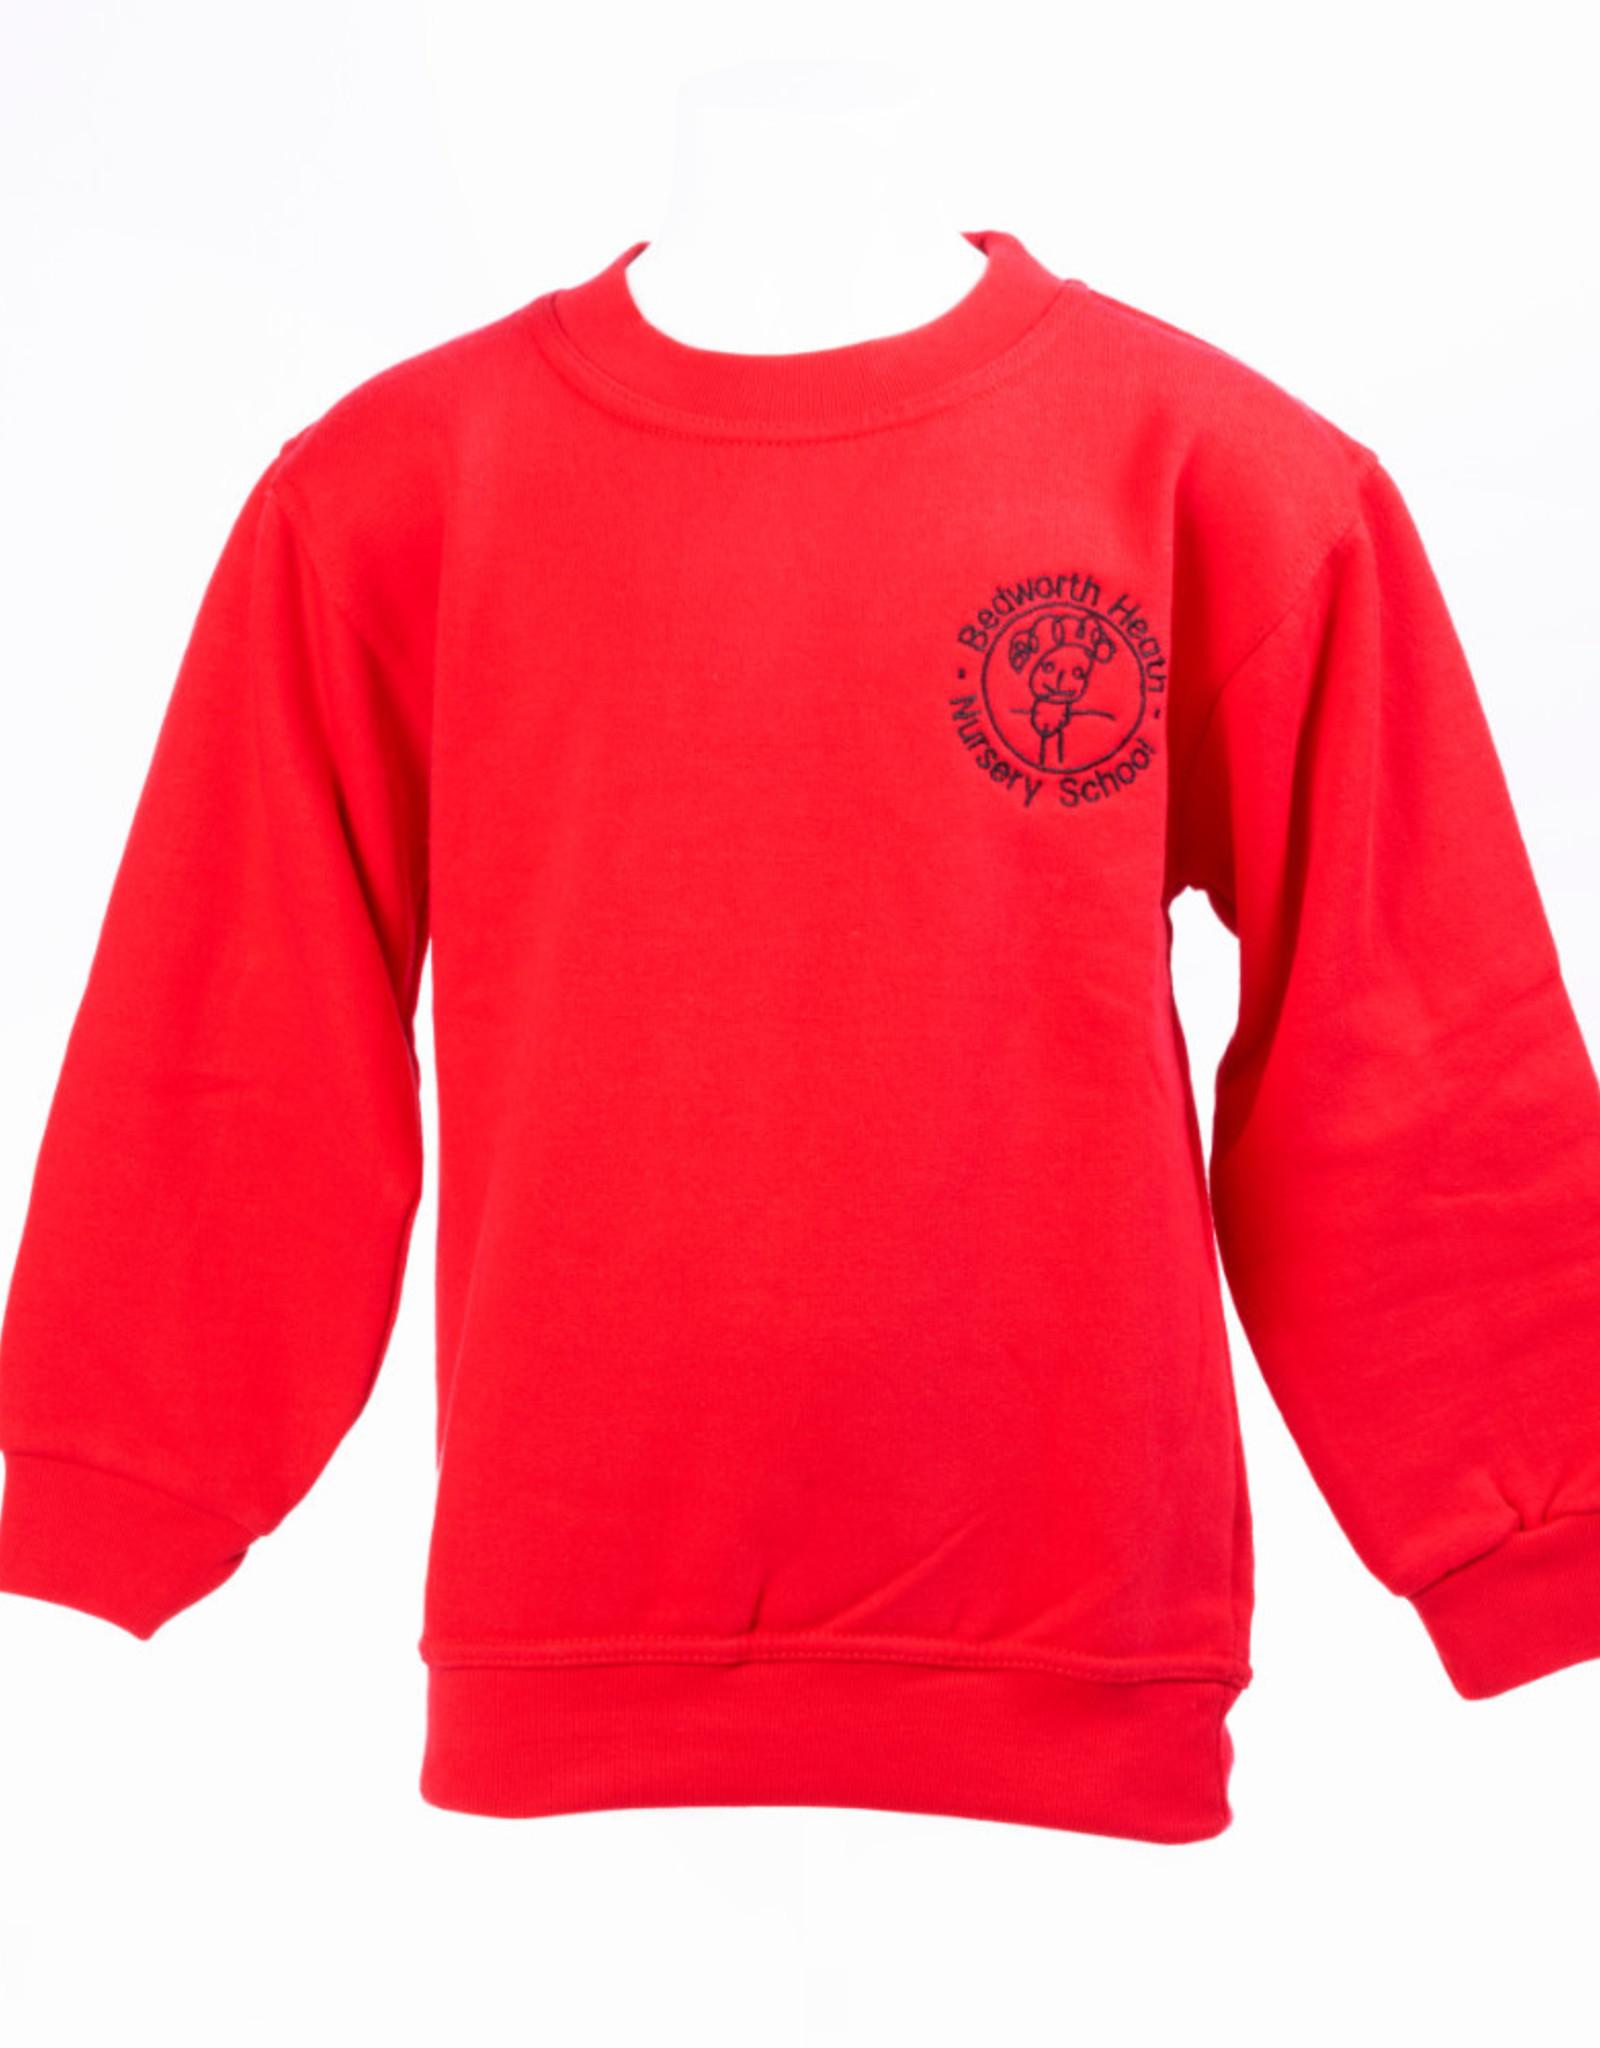 Sweatshirt Child Size - Bedworth Heath Nursey School